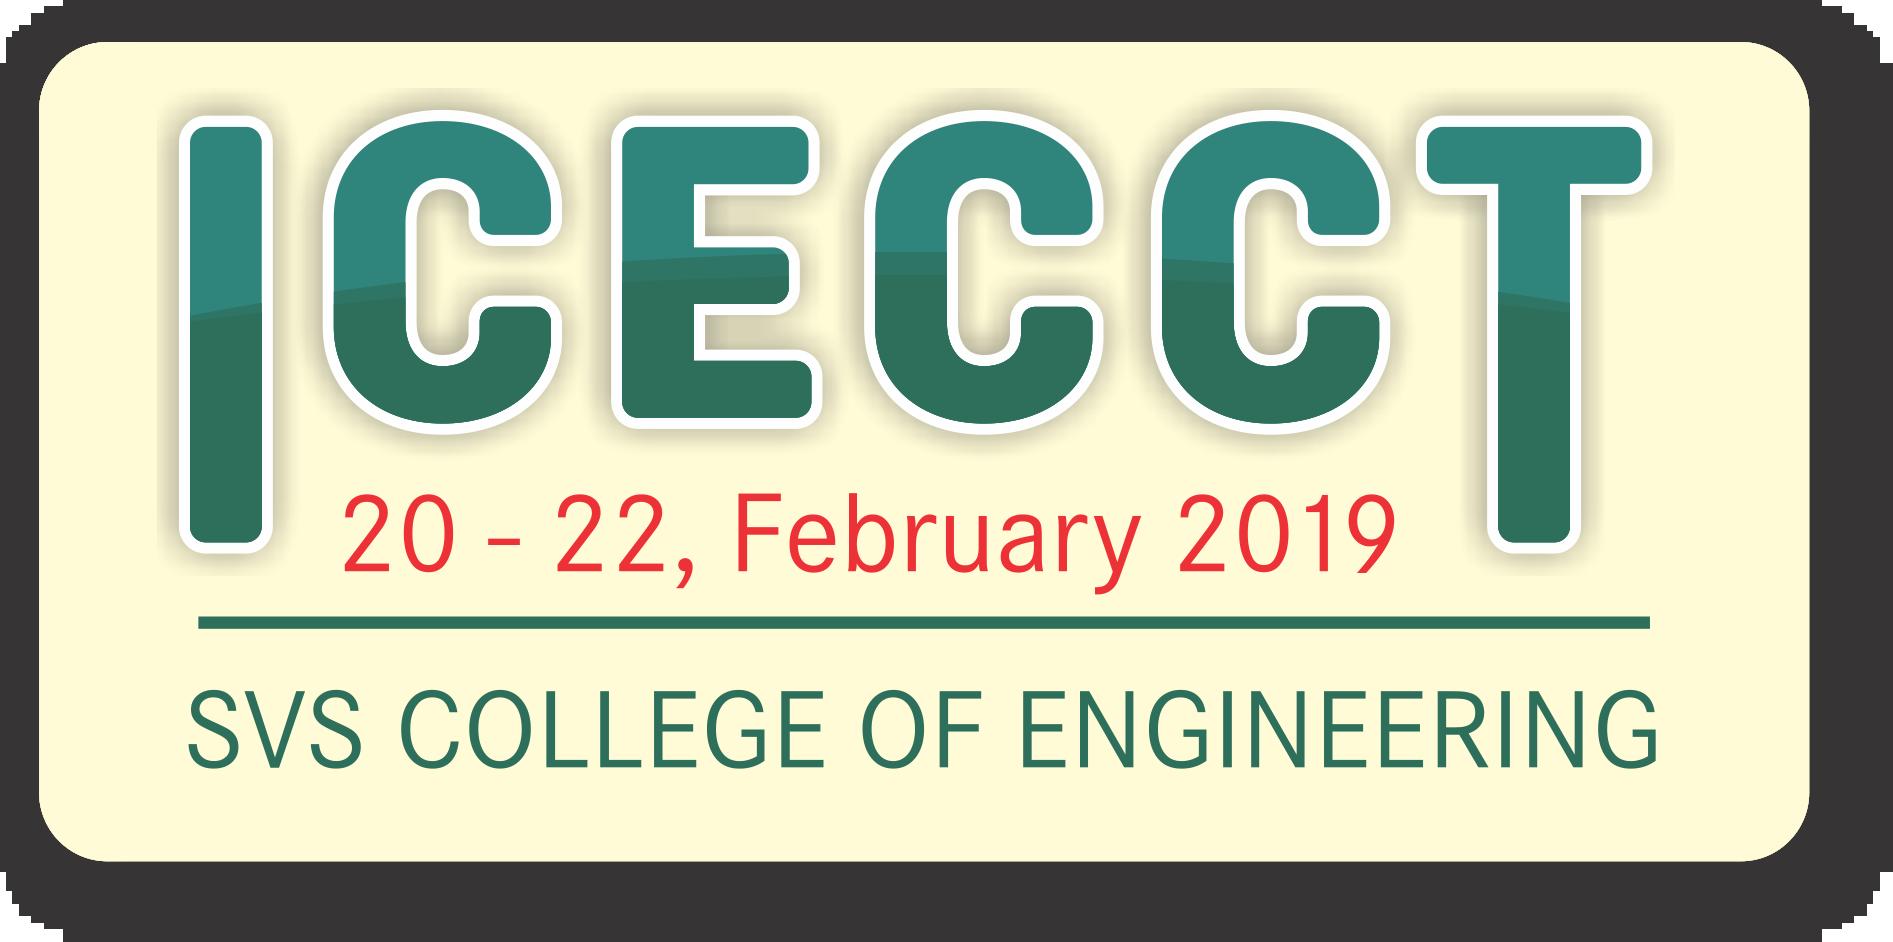 IEEE-ICECCT